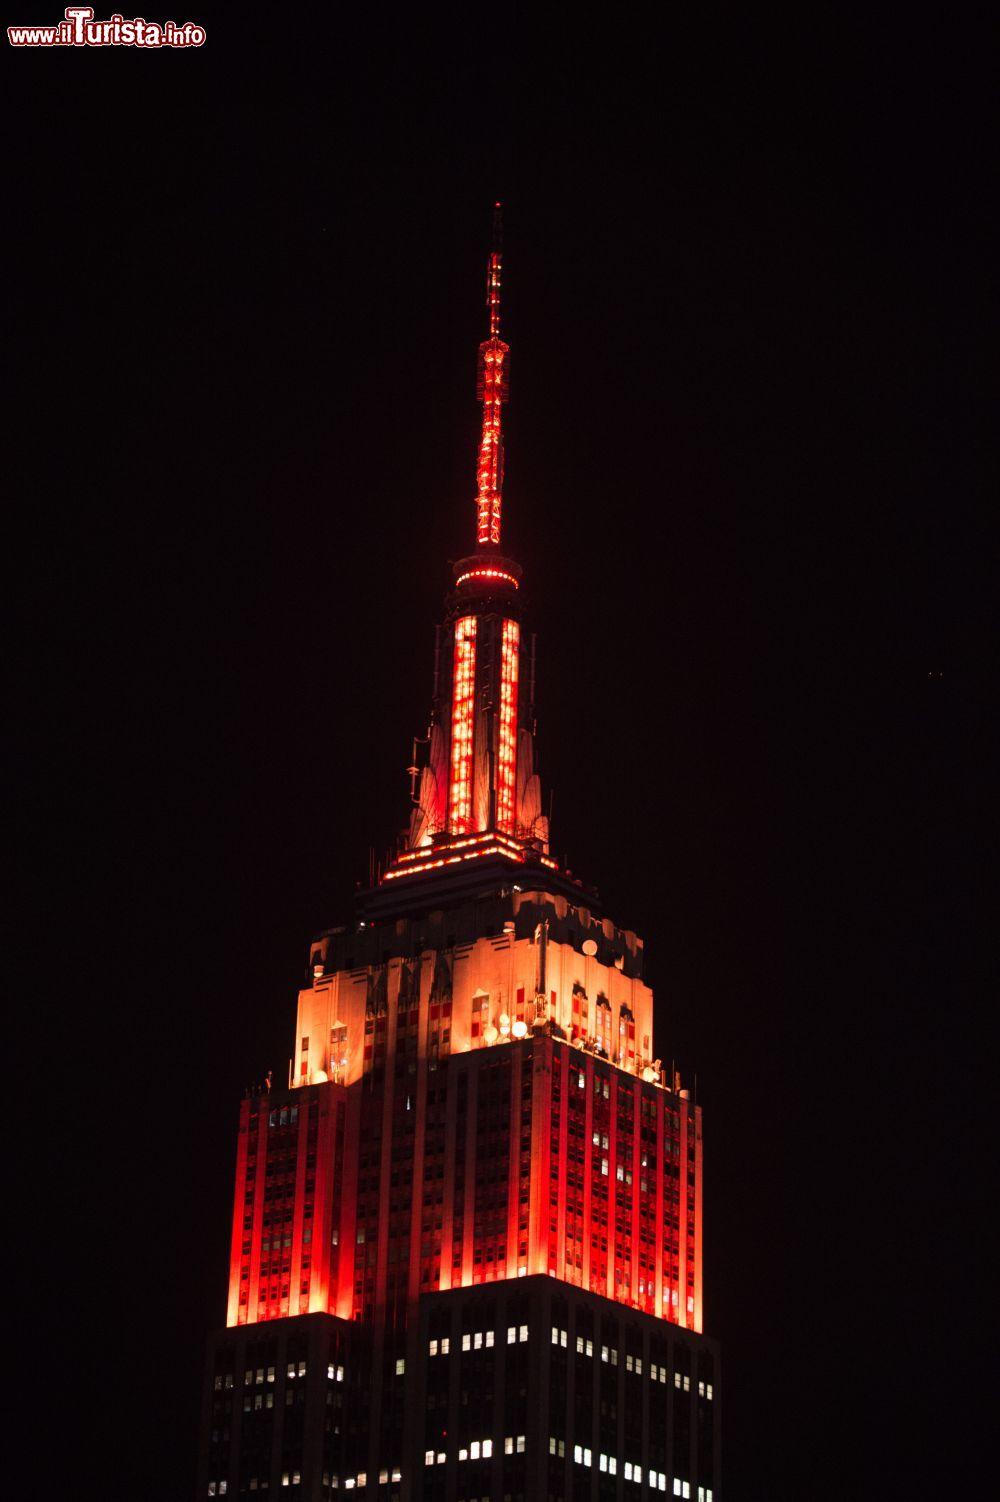 L 39 empire state building fotografato di notte foto for Foto new york notte